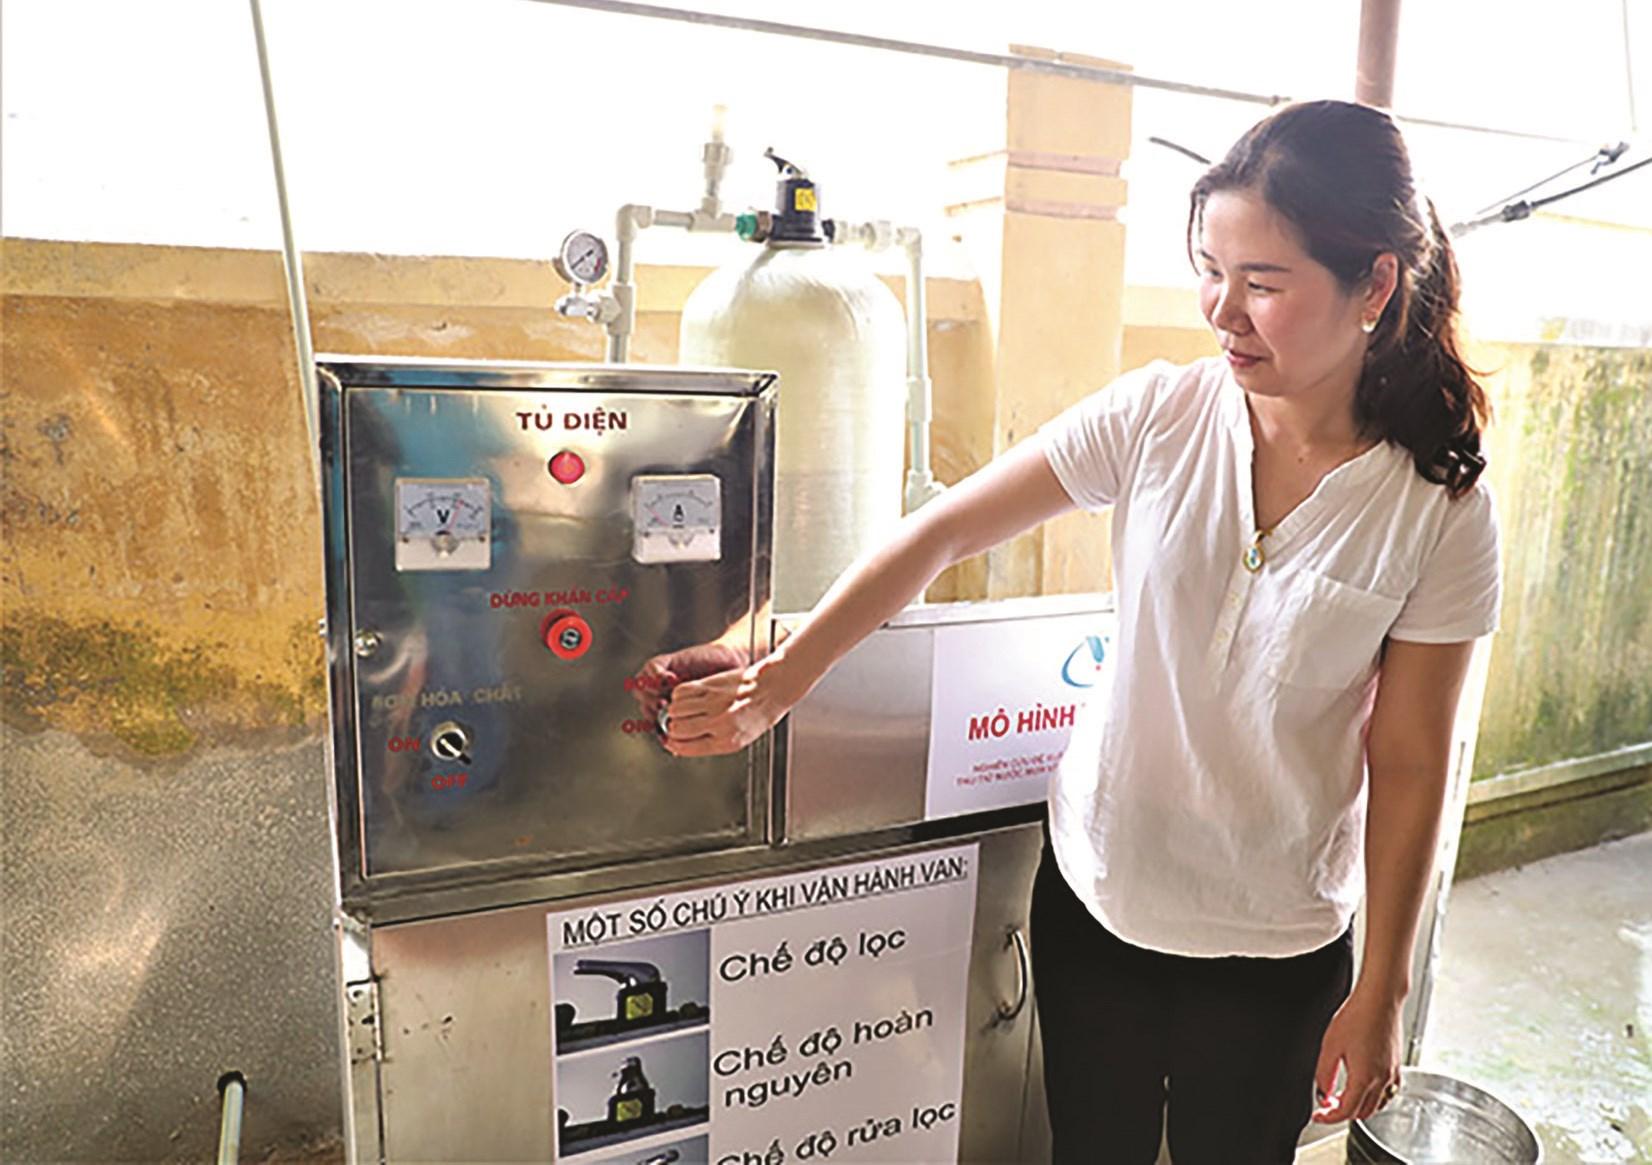 Công trình xử lý nước tại Trường Mầm non Hảo Nghĩa, huyện Na Rì, tỉnh Bắc Kạn